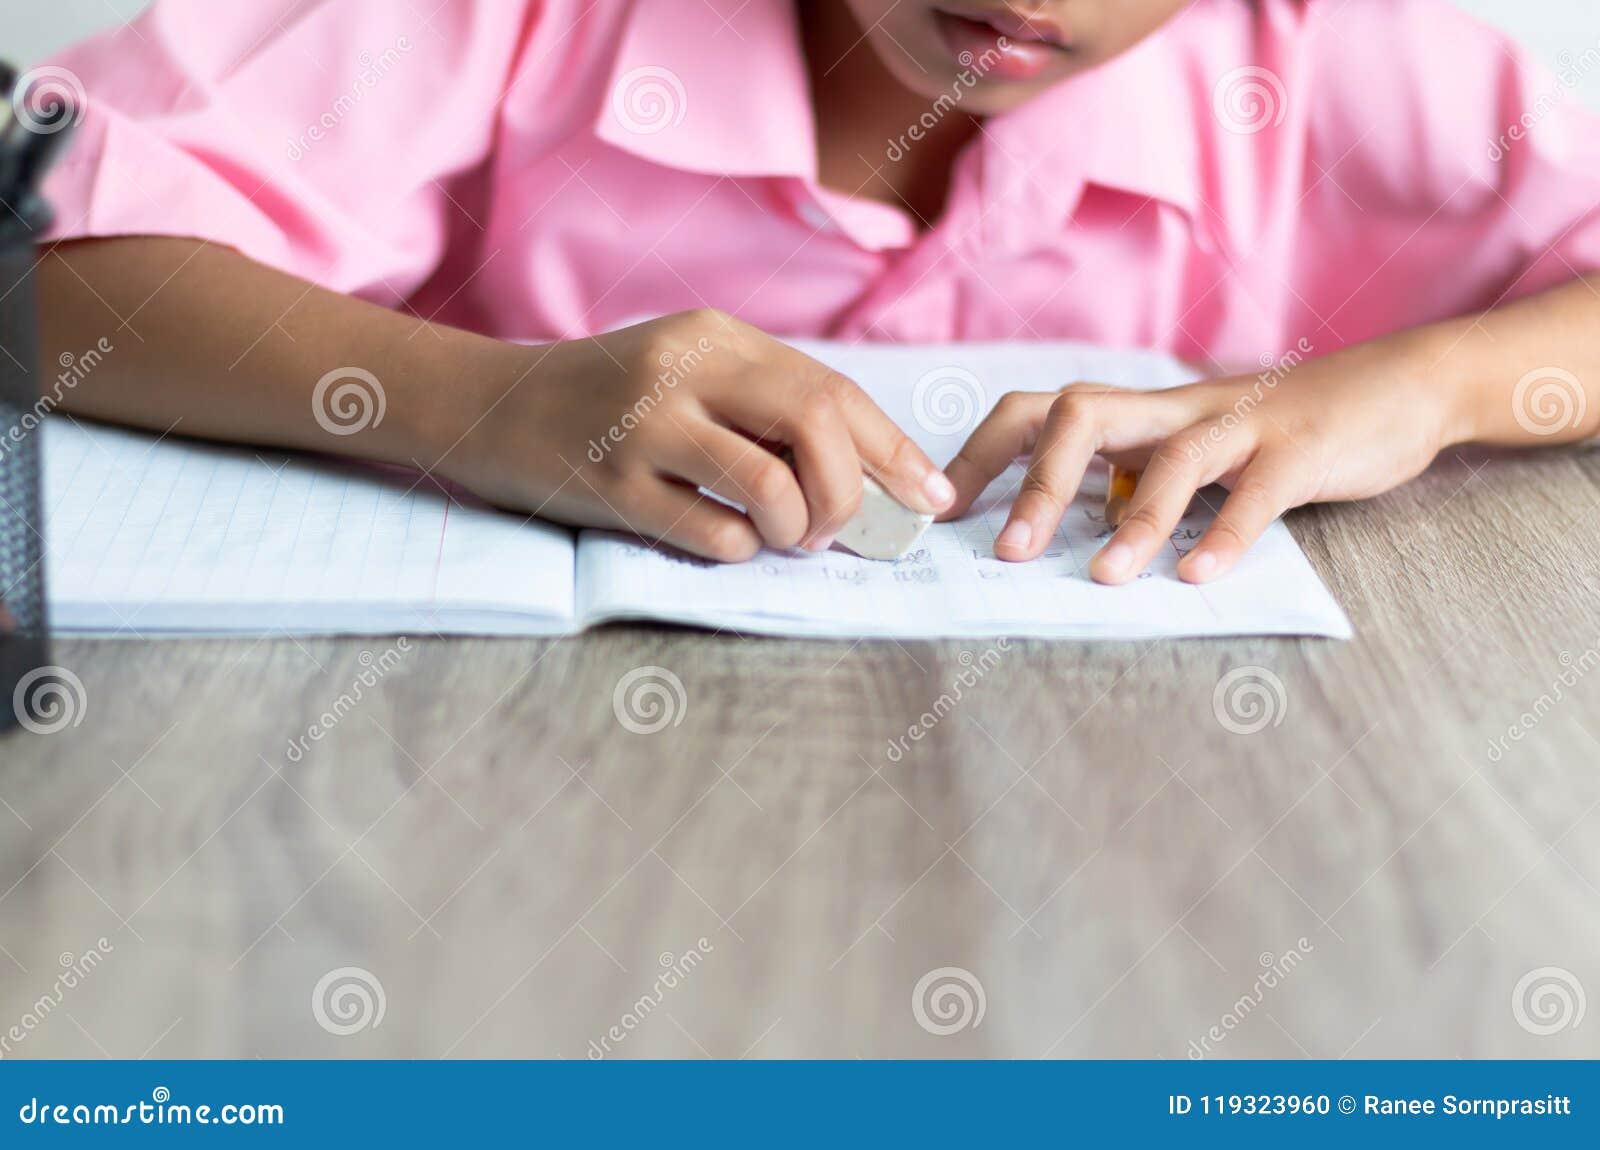 孩子使用一个橡皮擦删除词